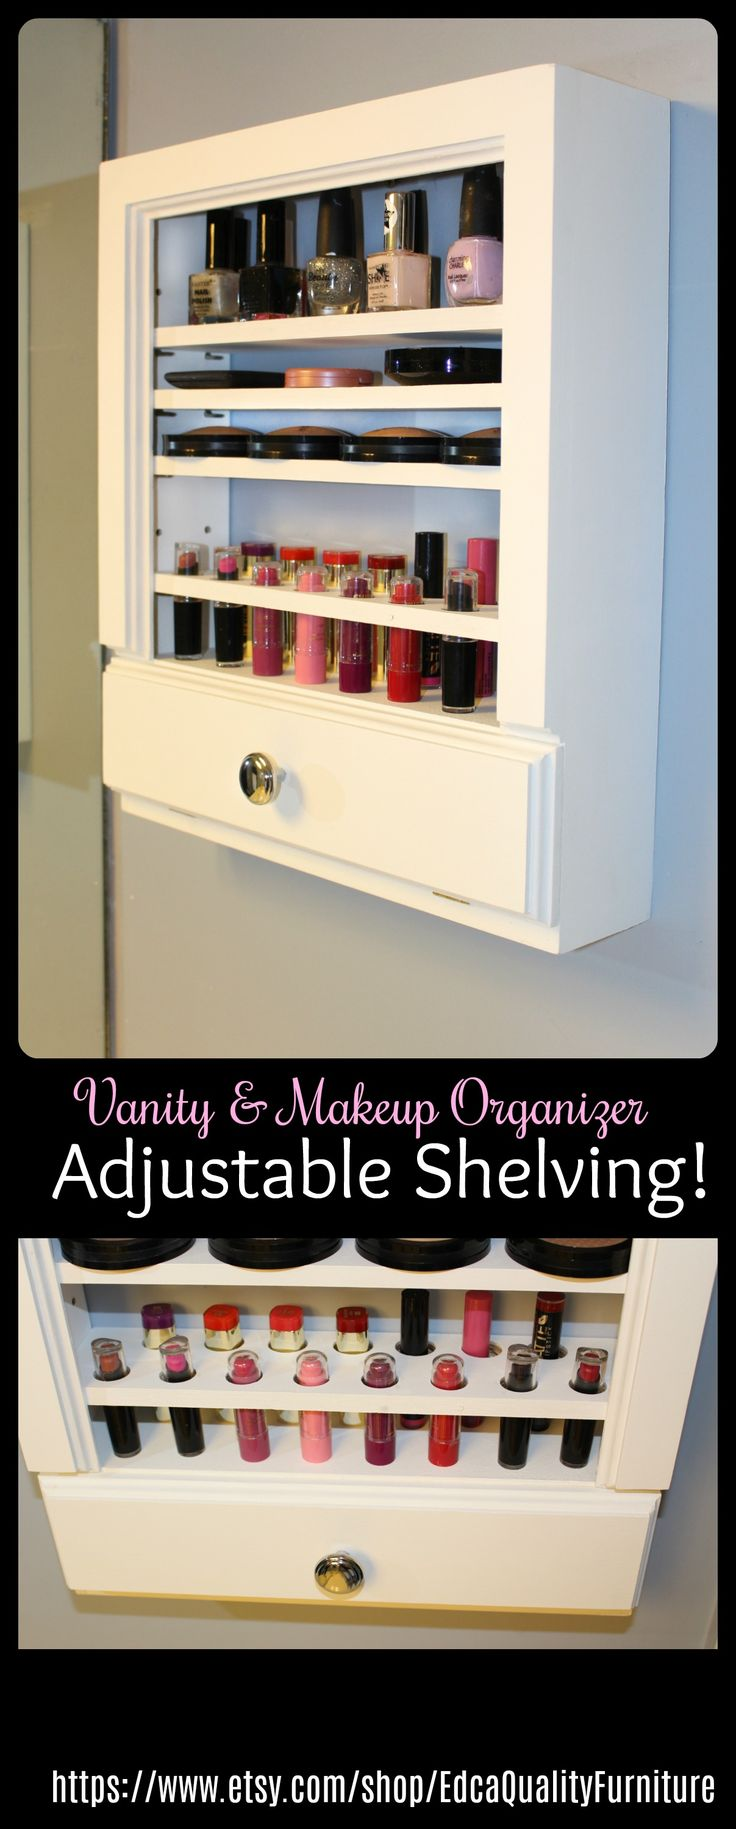 best 25 adjustable shelving ideas on pinterest adjustable wall shelving wooden shelving. Black Bedroom Furniture Sets. Home Design Ideas